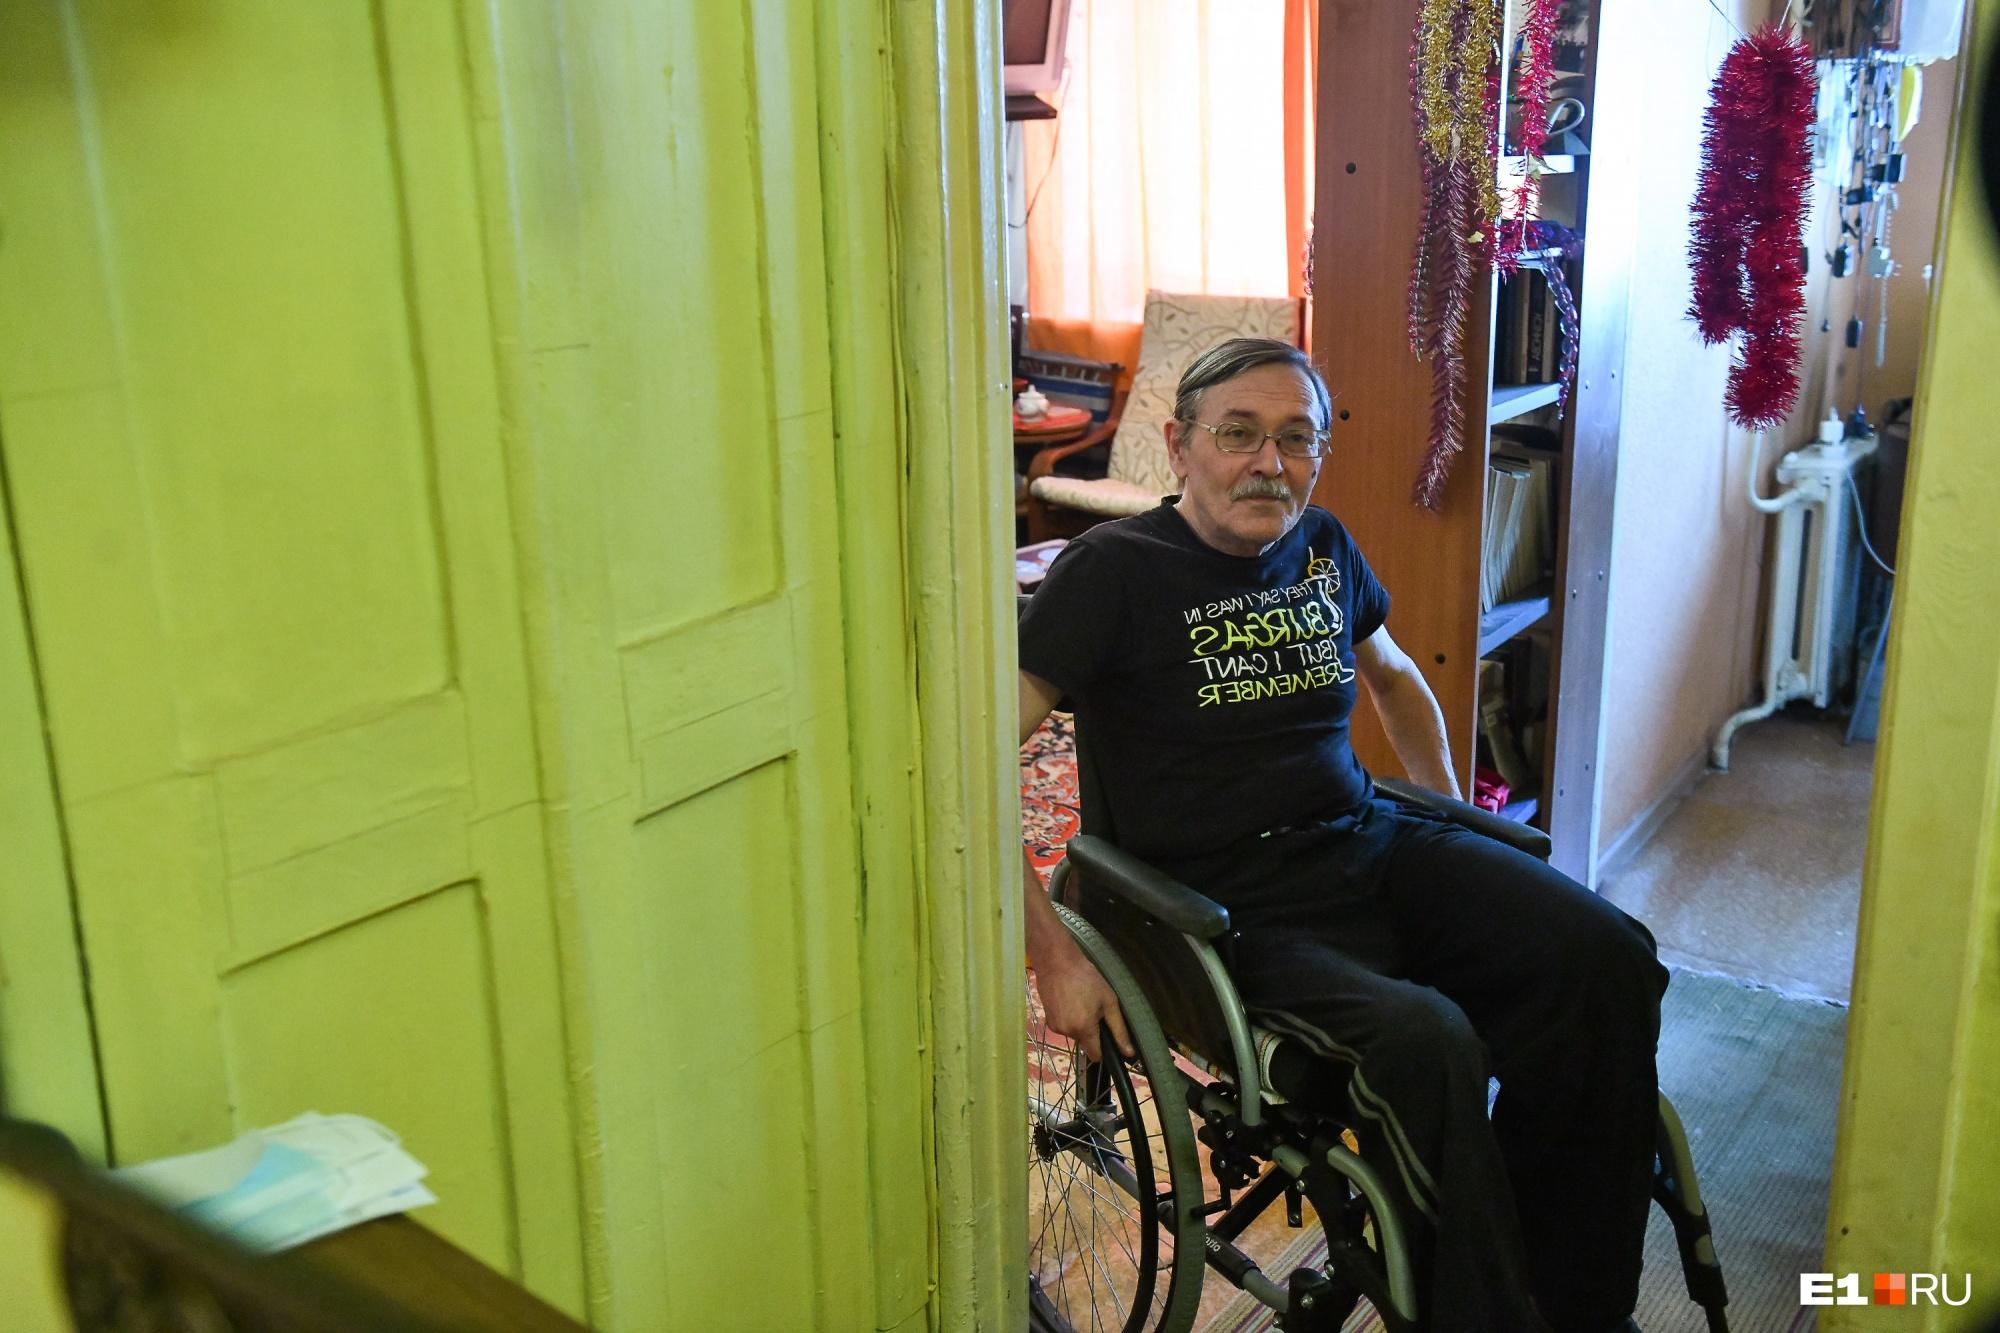 «Наши проблемы никто не поймет». Колясочник — о правах инвалидов, которые они должны отстаивать сами